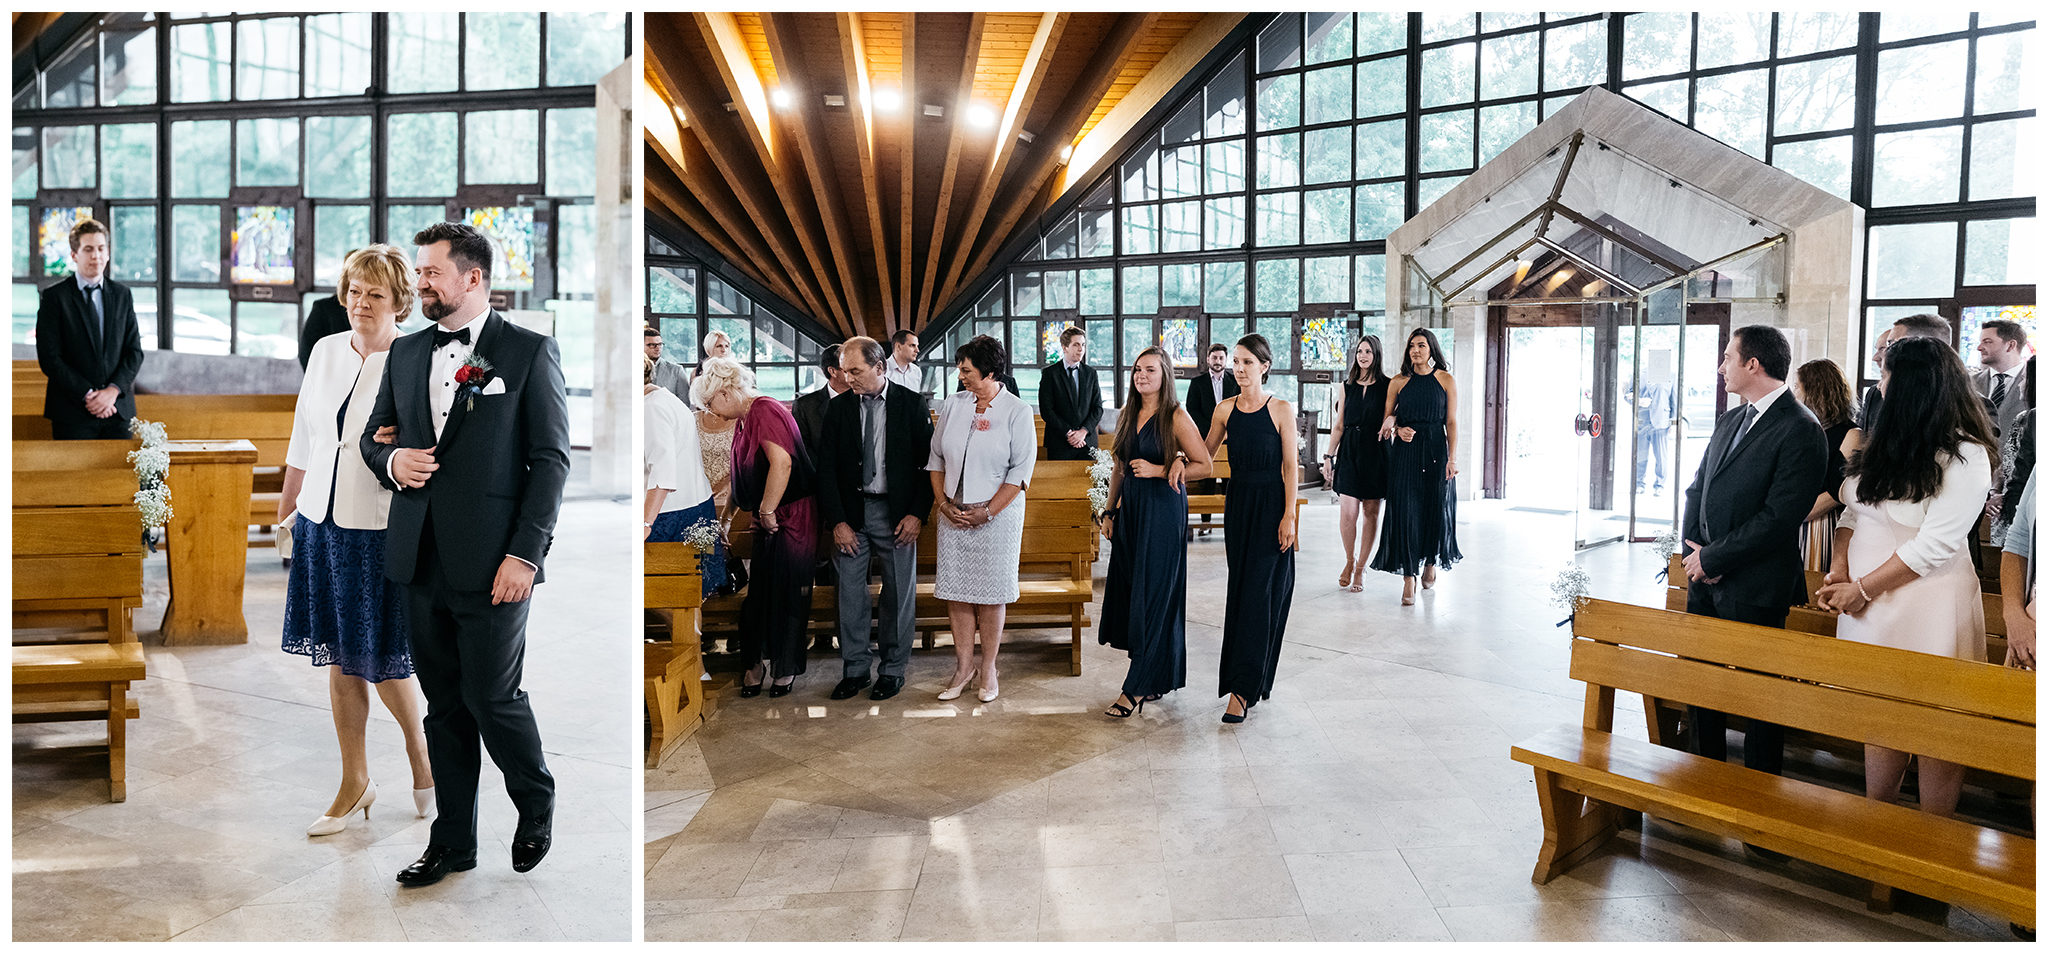 MONT_FylepPhoto, Esküvőfotós Vasmegye, Esküvő fotózás, Esküvői fotós, Körmend, Vas megye, Dunántúl, Budapest, Fülöp Péter, Jegyes fotózás, jegyes, kreatív, kreatívfotózás,Wien,Ausztira,Österreich,hochzeitsfotograf_V&M_017.jpg